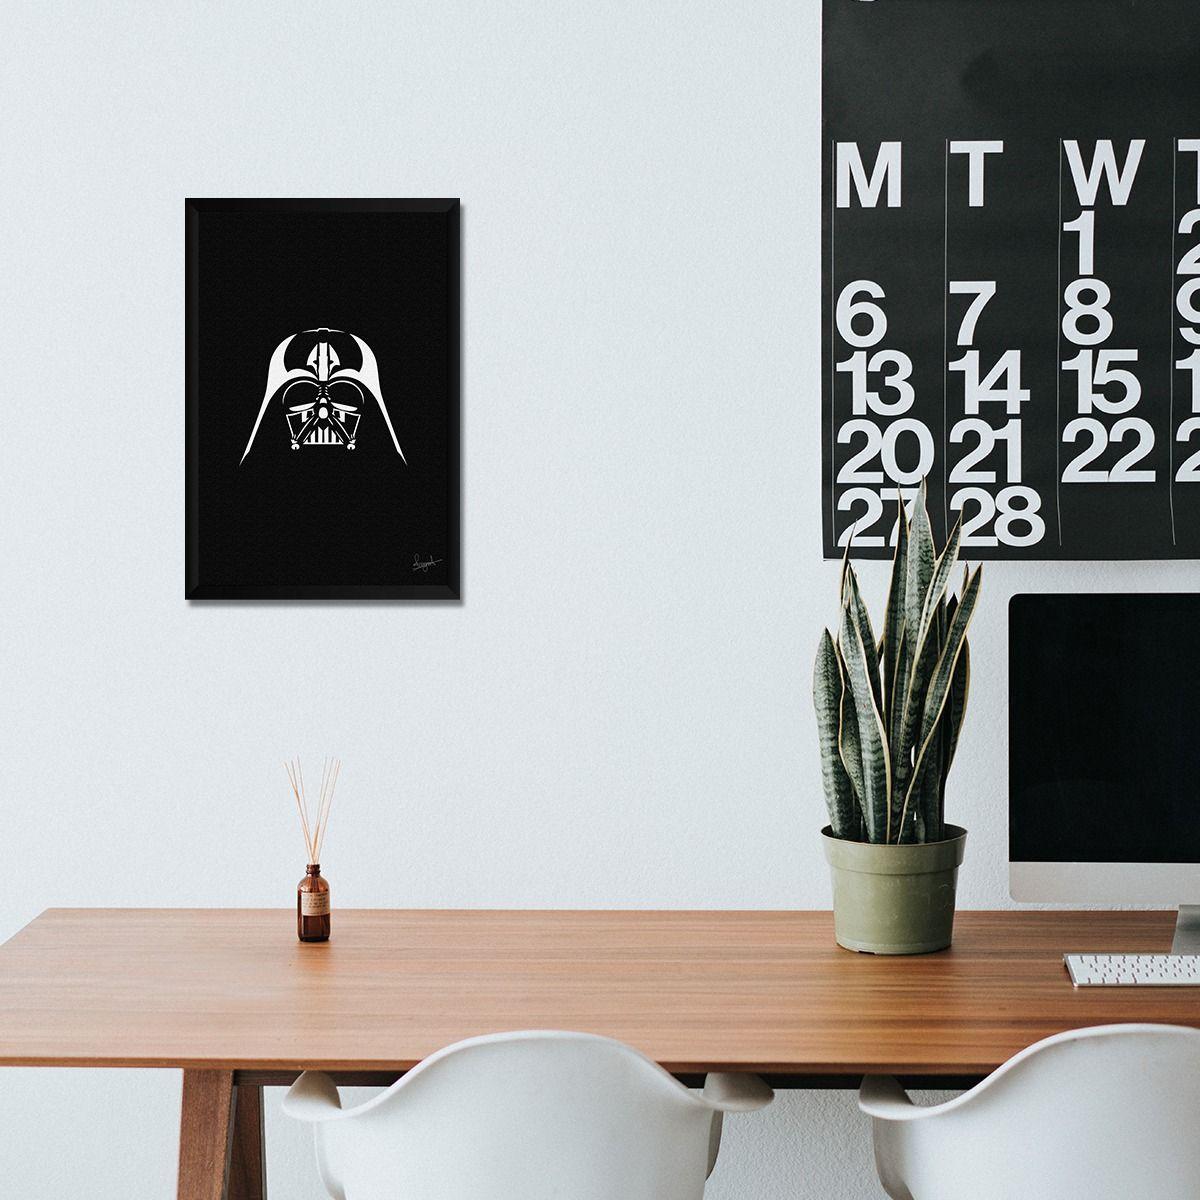 Quadro Darth Vader - veja esse lindo quadro na nossa loja, decore os seus ambientes e deixe eles mais agradaveis. #geek #filmes #decoracao #quadros #quadrodecorativos #decoracaodecasa #casa #casaejardim #quadro #dathvader #starwars